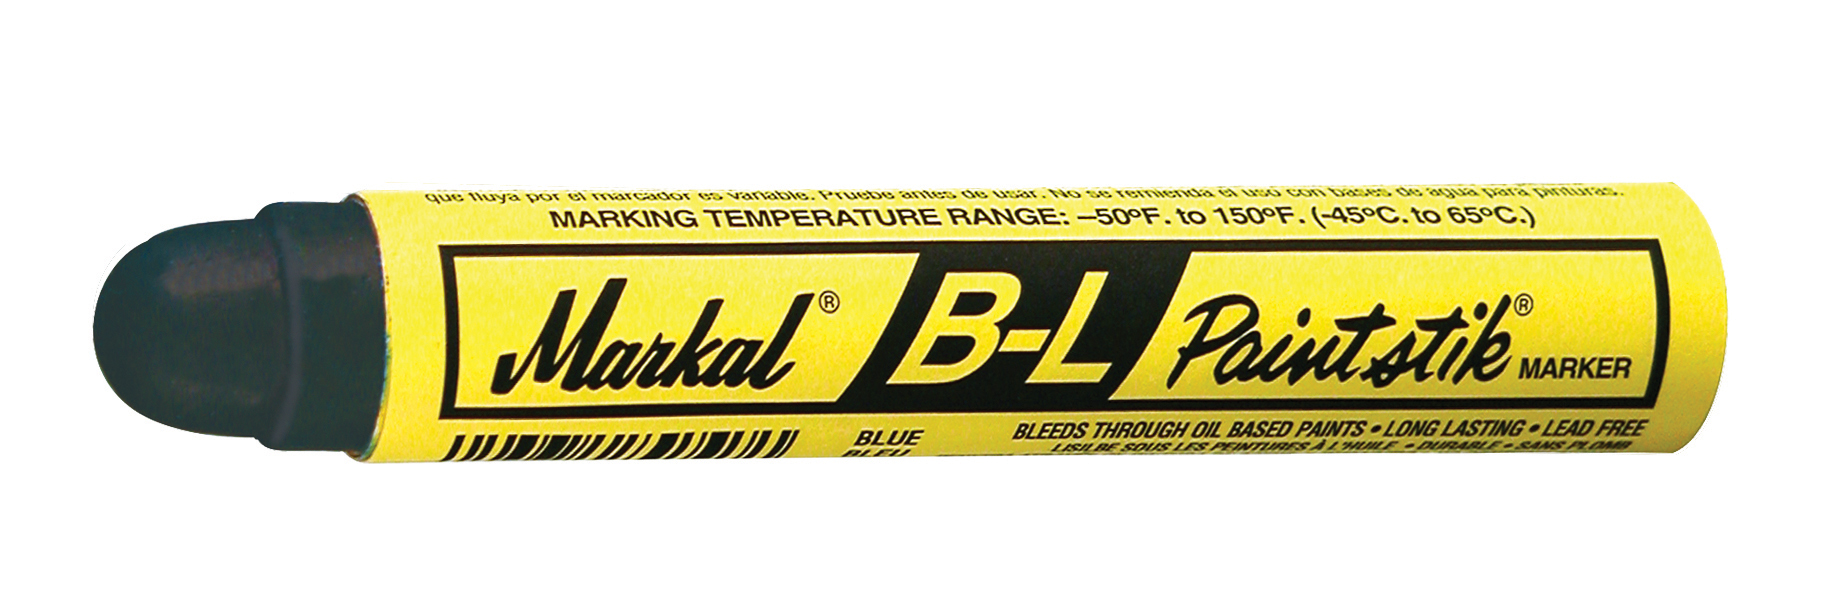 Markal B-L Painstik Marker - Blue